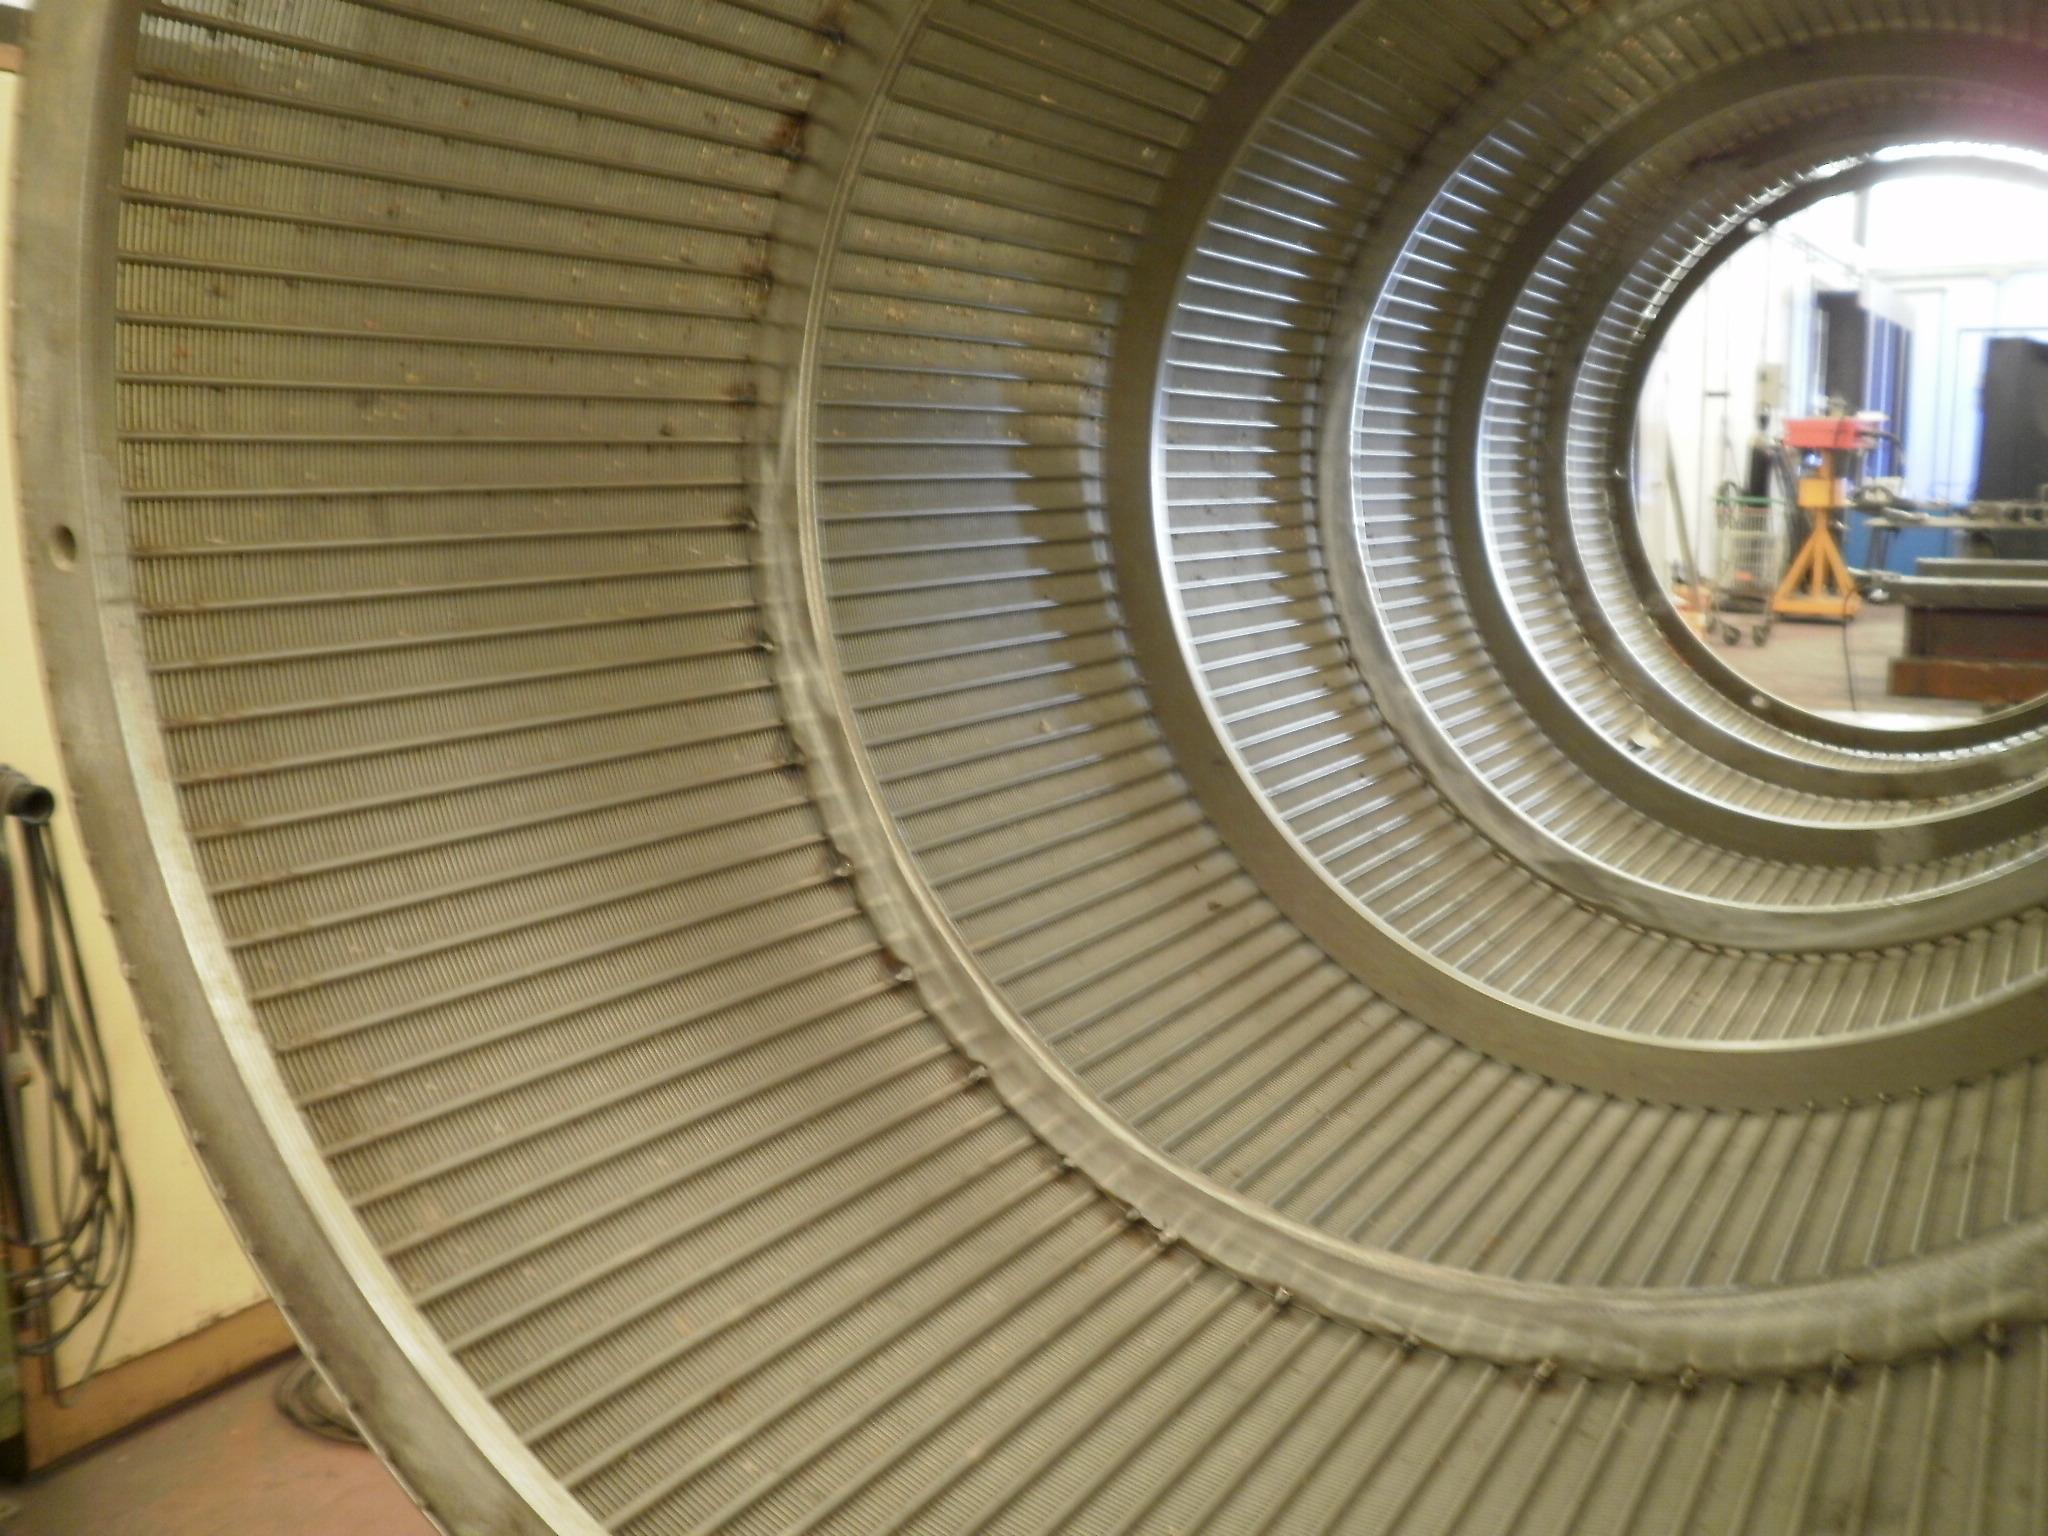 silos depósitos serpentines filtros en T ciclones tamices 39 - Our Projects